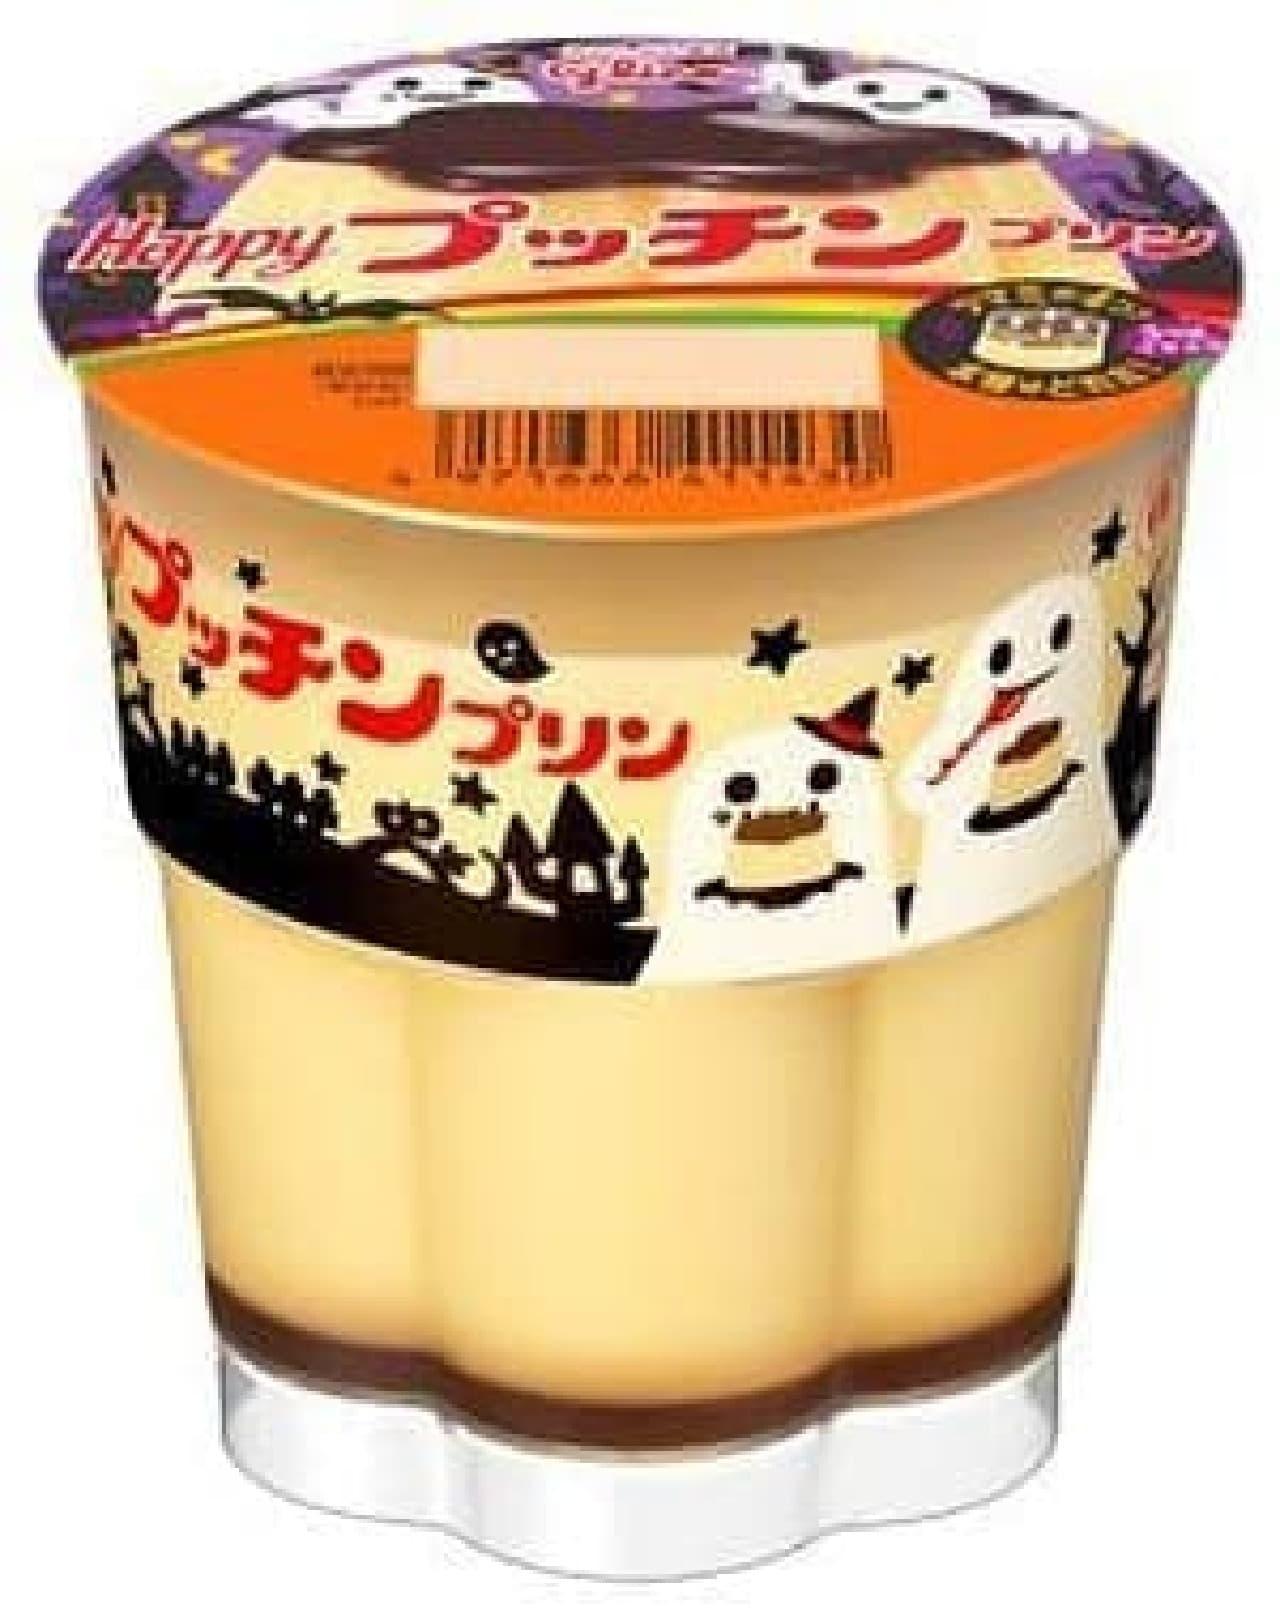 江崎グリコ「Happyプッチンプリン 380g<ハロウィンパッケージ>」